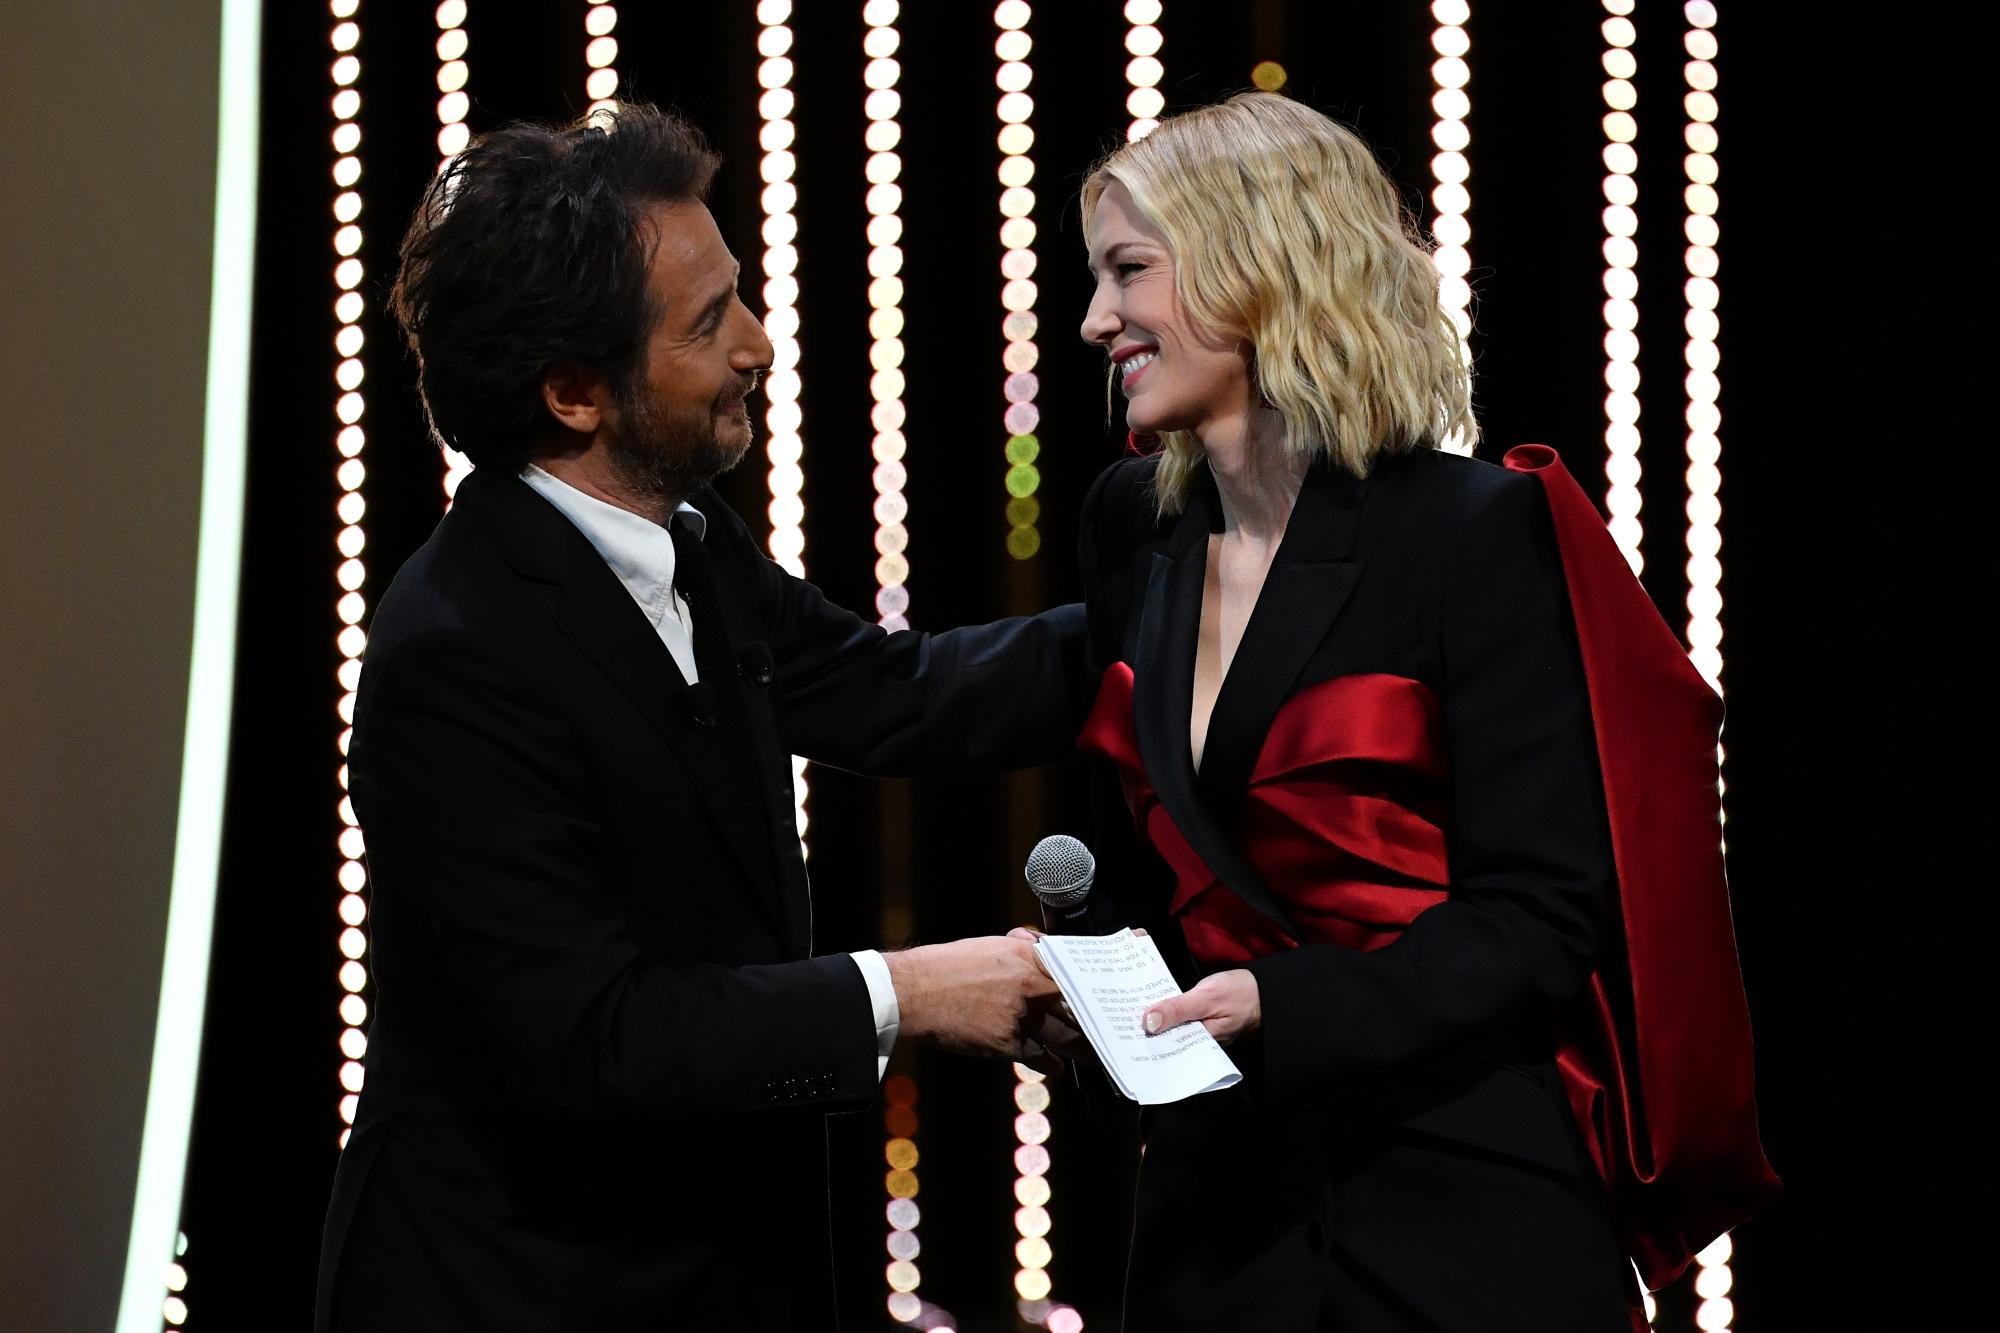 Cannes 2018, i momenti più belli della cerimonia di chiusura